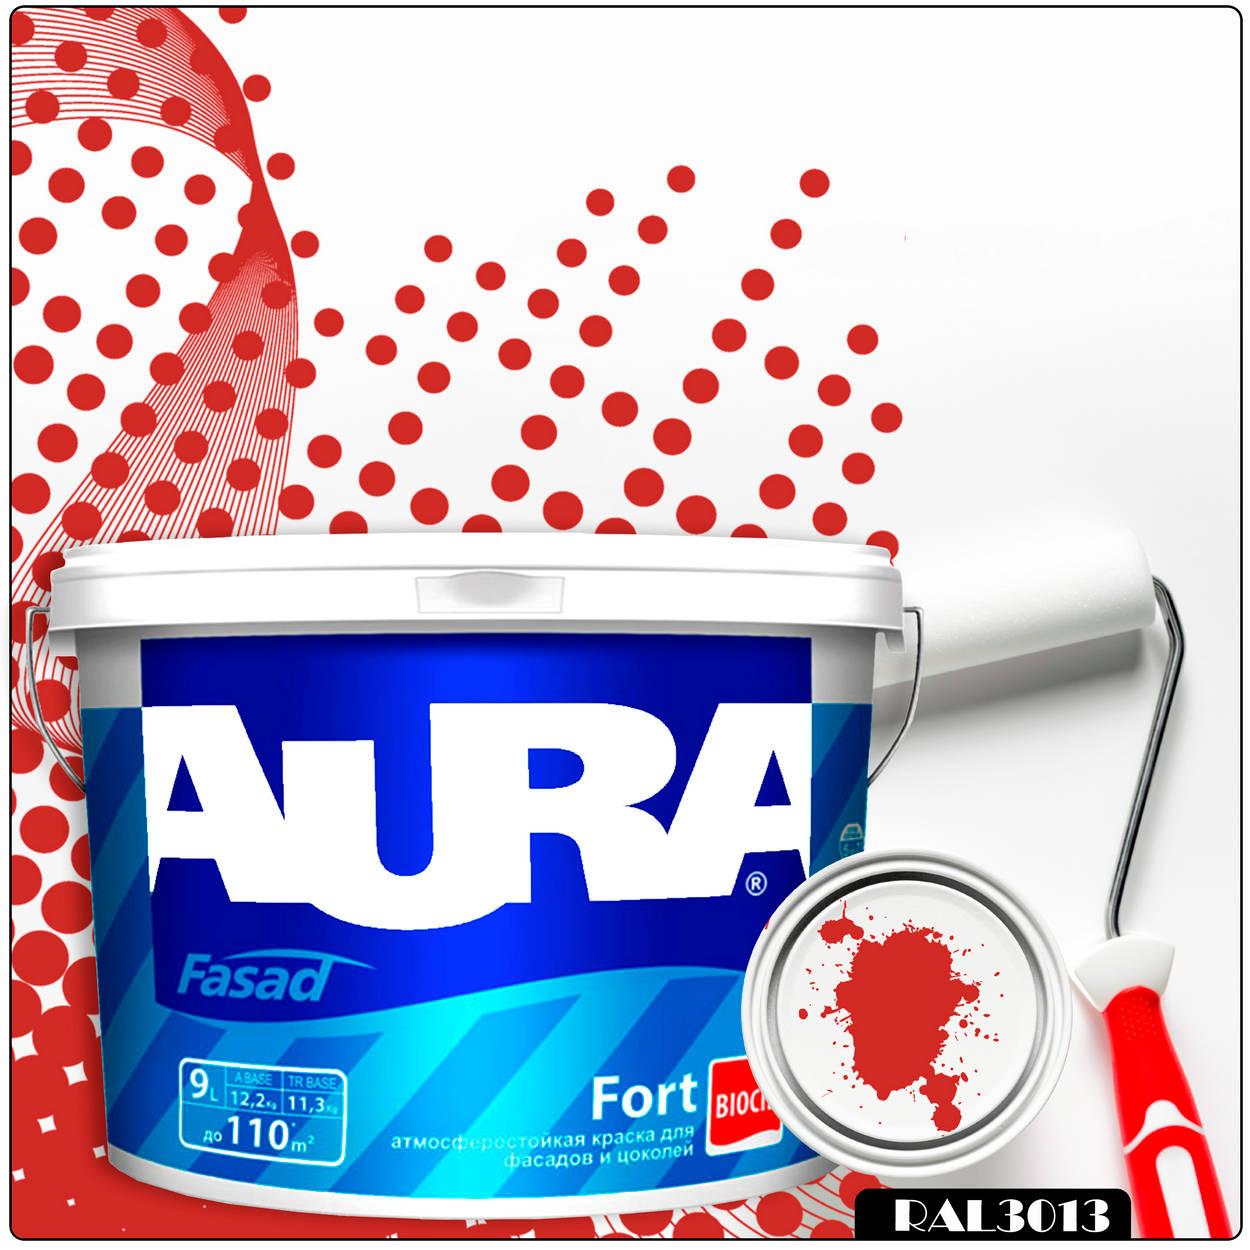 Фото 11 - Краска Aura Fasad Fort, RAL 3013 Томатно-красный, латексная, матовая, для фасада и цоколей, 9л, Аура.